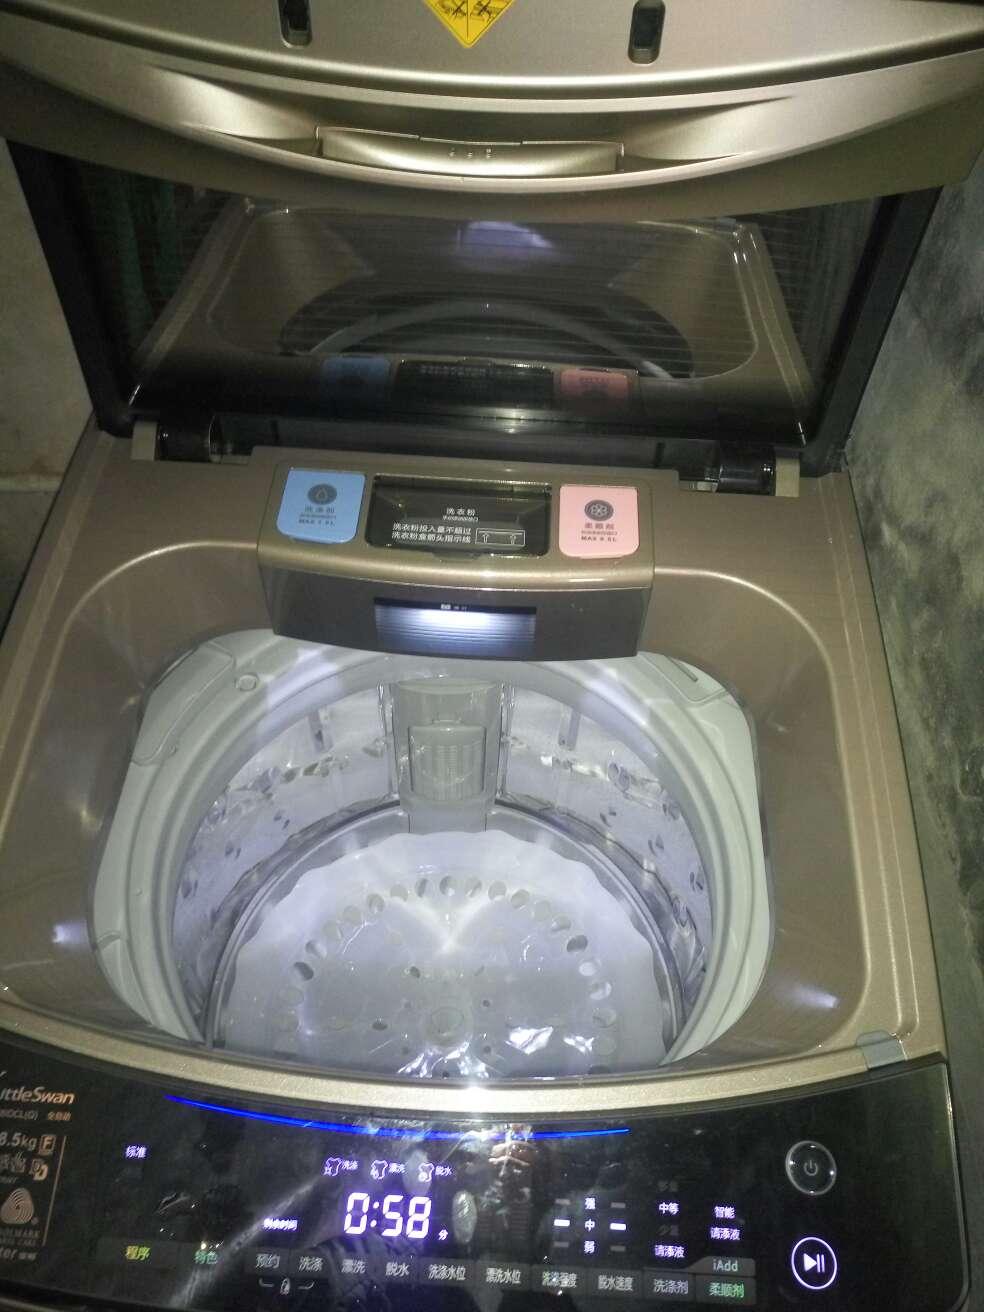 洗衣机 小天鹅洗衣机 小天鹅tb85-6188idcl(g)